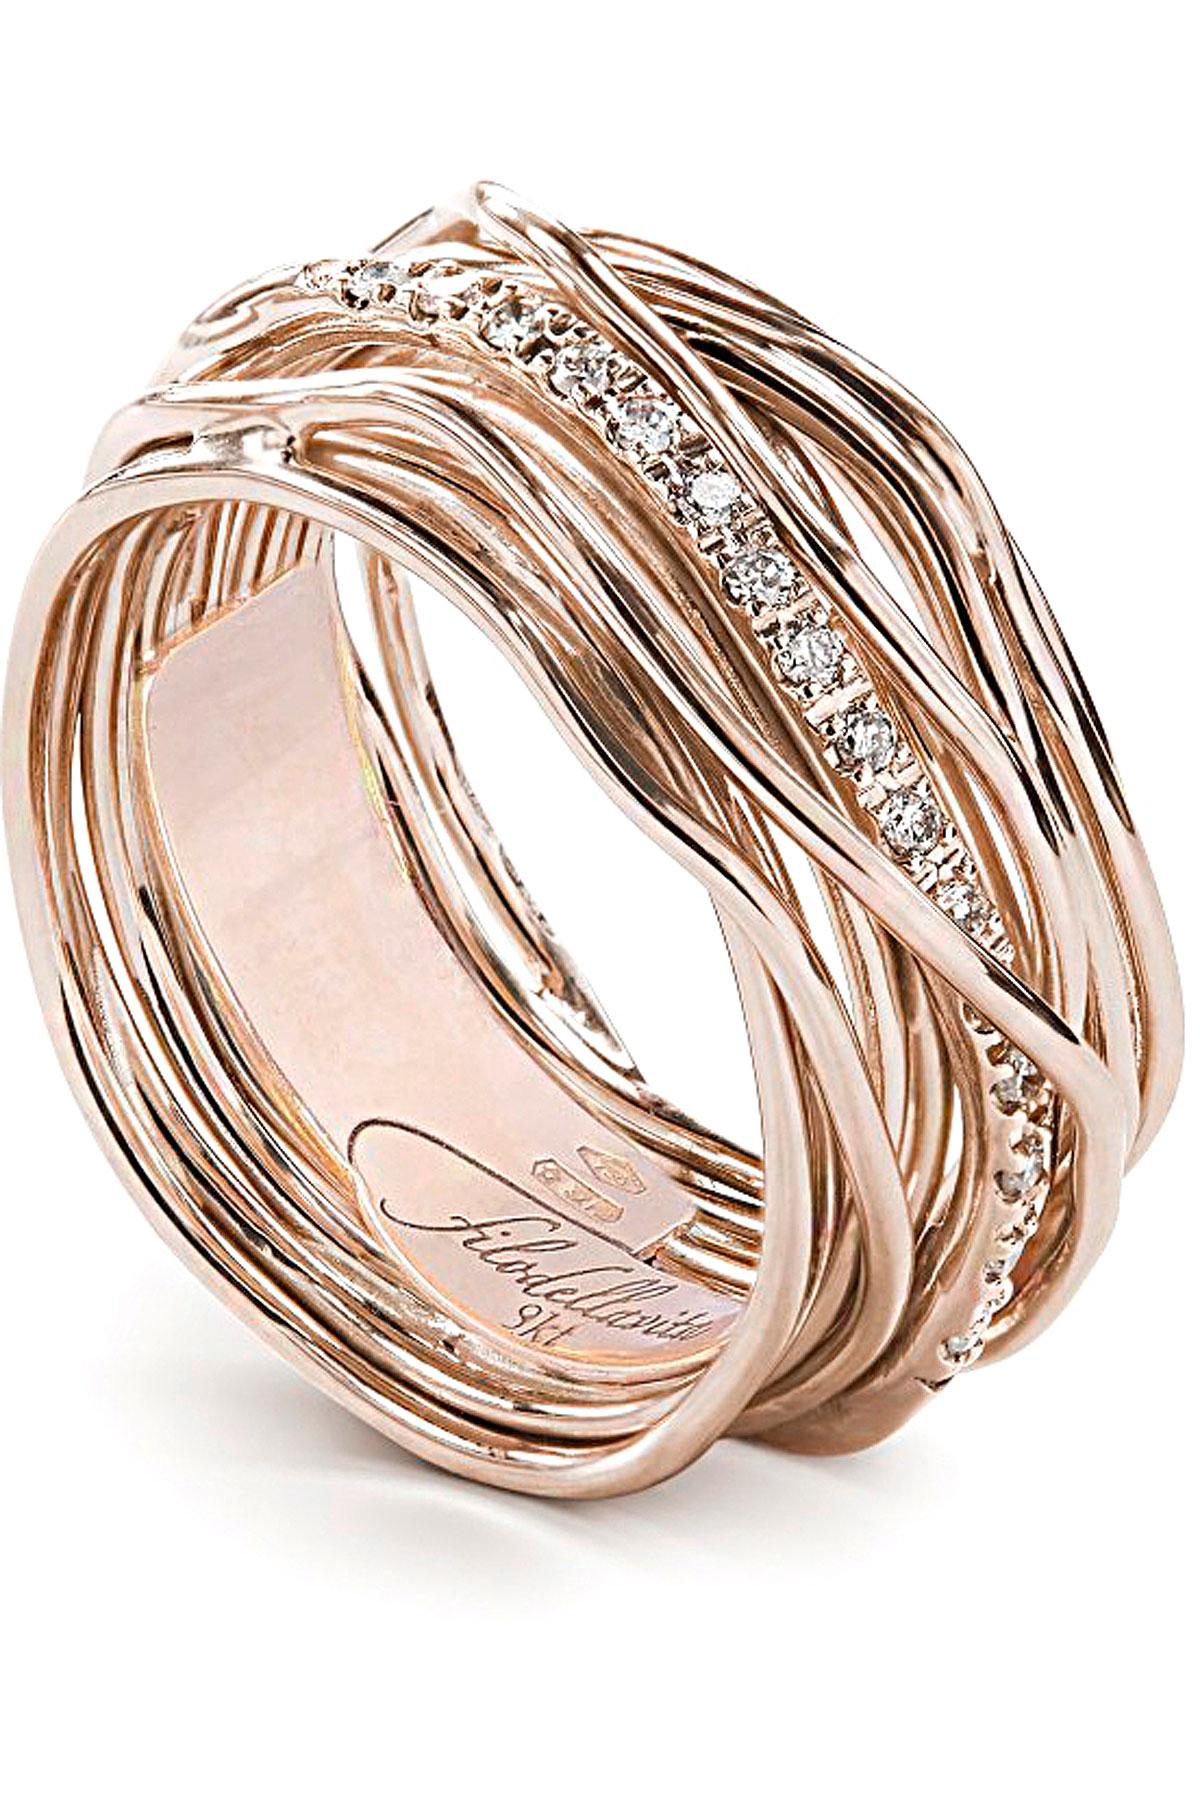 Filo Della Vita Ring for Women, Gold Pink, 9 kt Pink Gold, 2019, USA 6 3/4 ( I 14 - GB N) USA 7 ( I 15 - GB N 1/2) USA 8 ( I 17 - GB P 1/2) USA 8 1/2